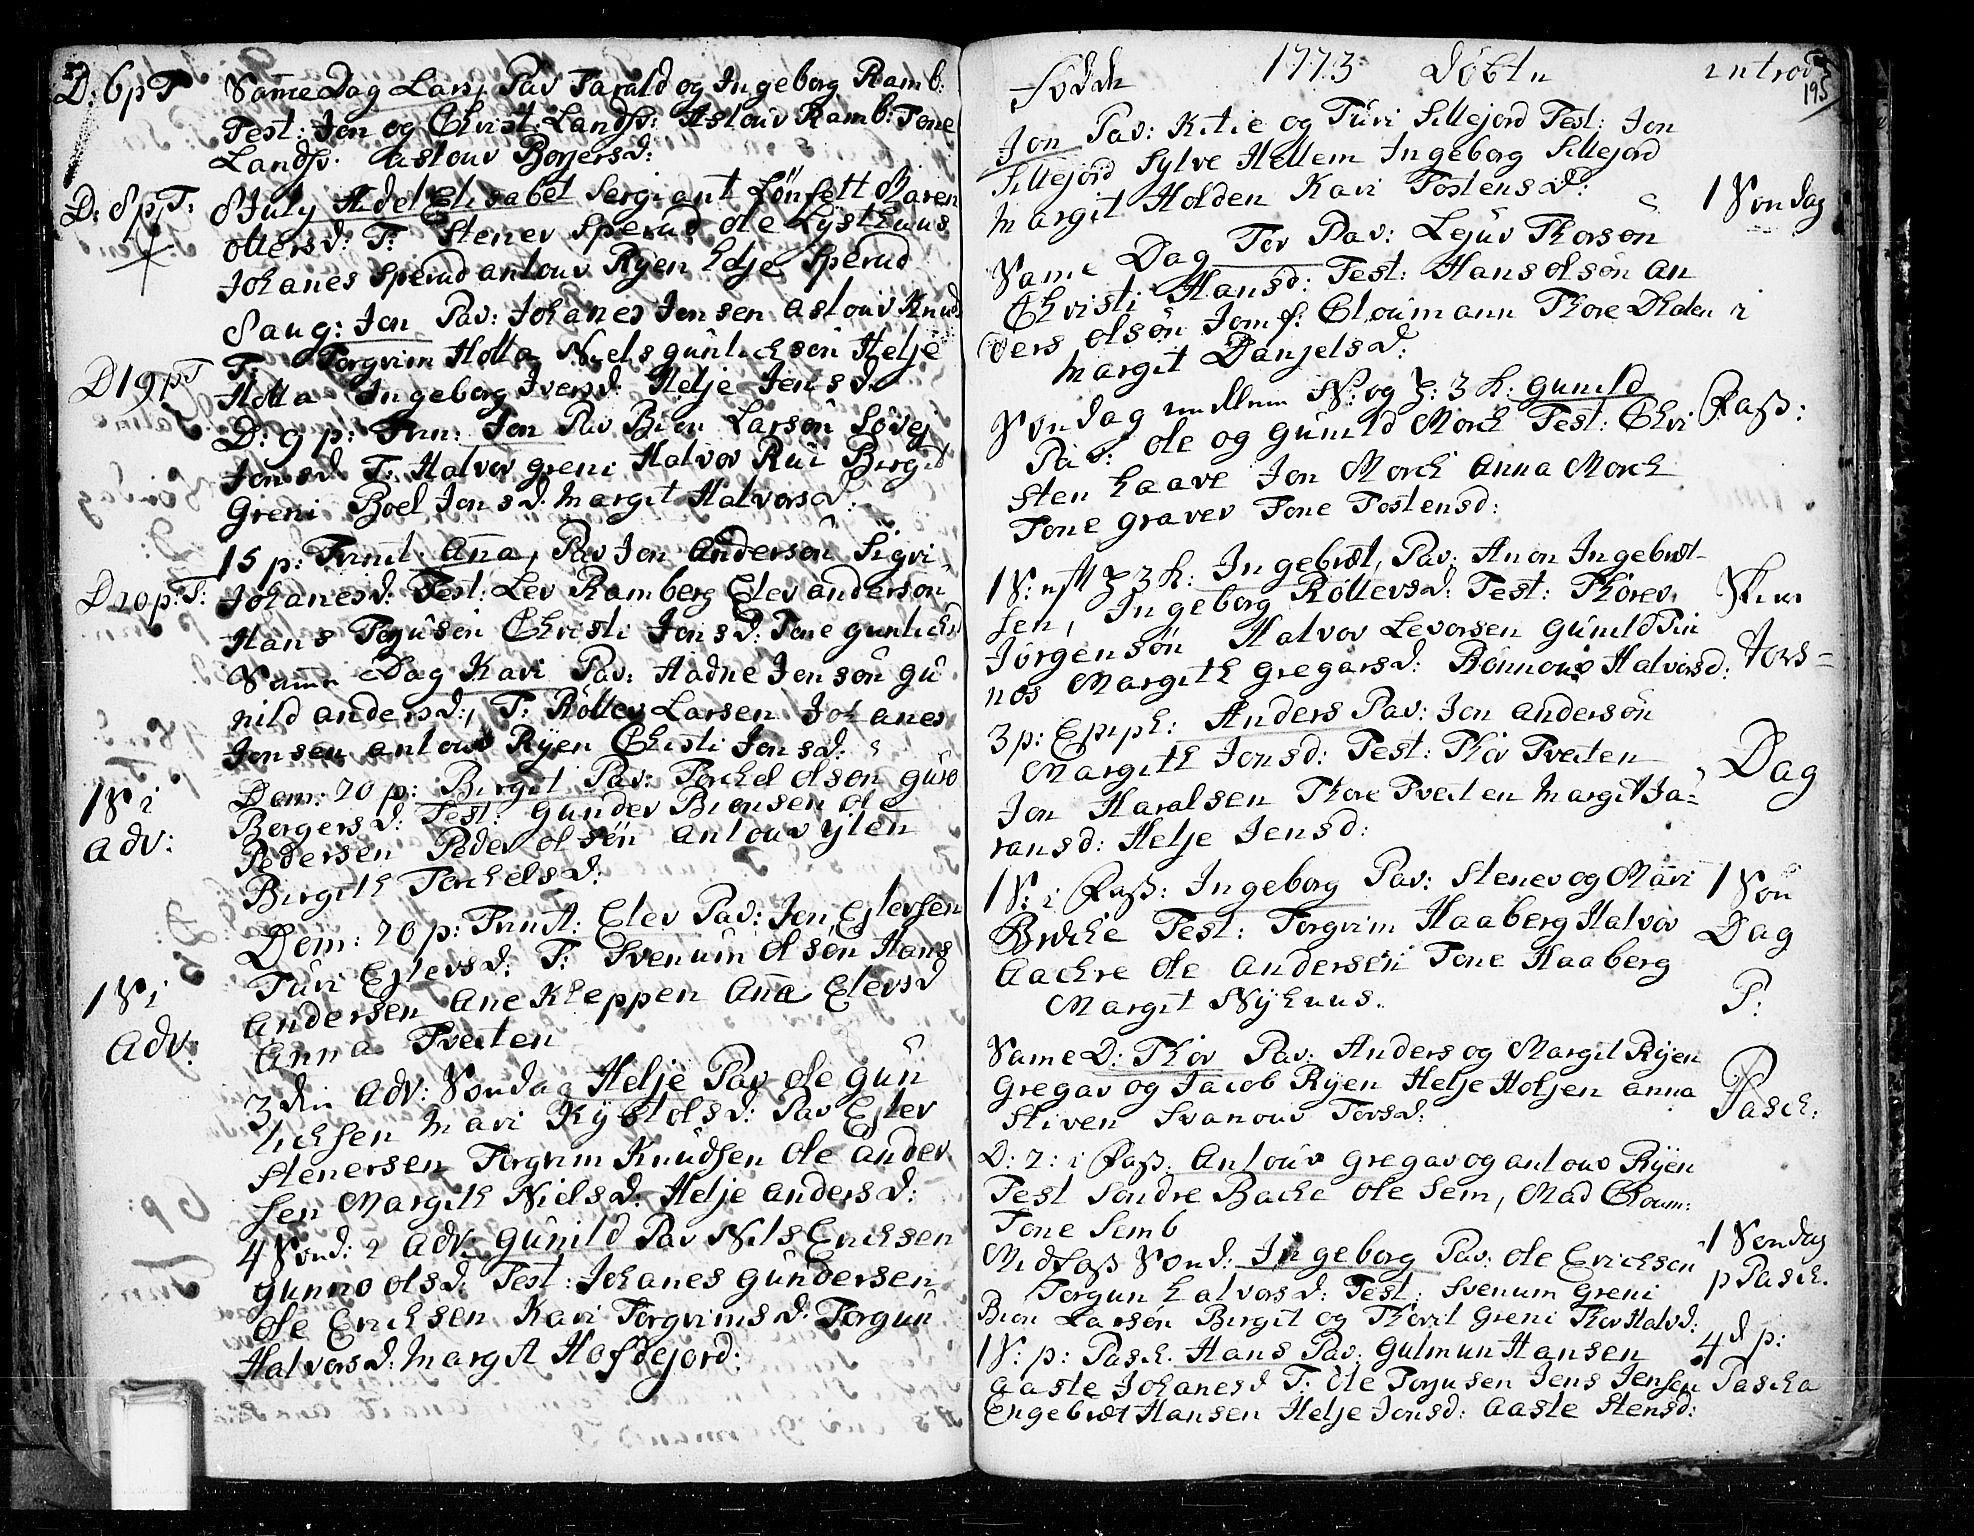 SAKO, Heddal kirkebøker, F/Fa/L0003: Ministerialbok nr. I 3, 1723-1783, s. 195